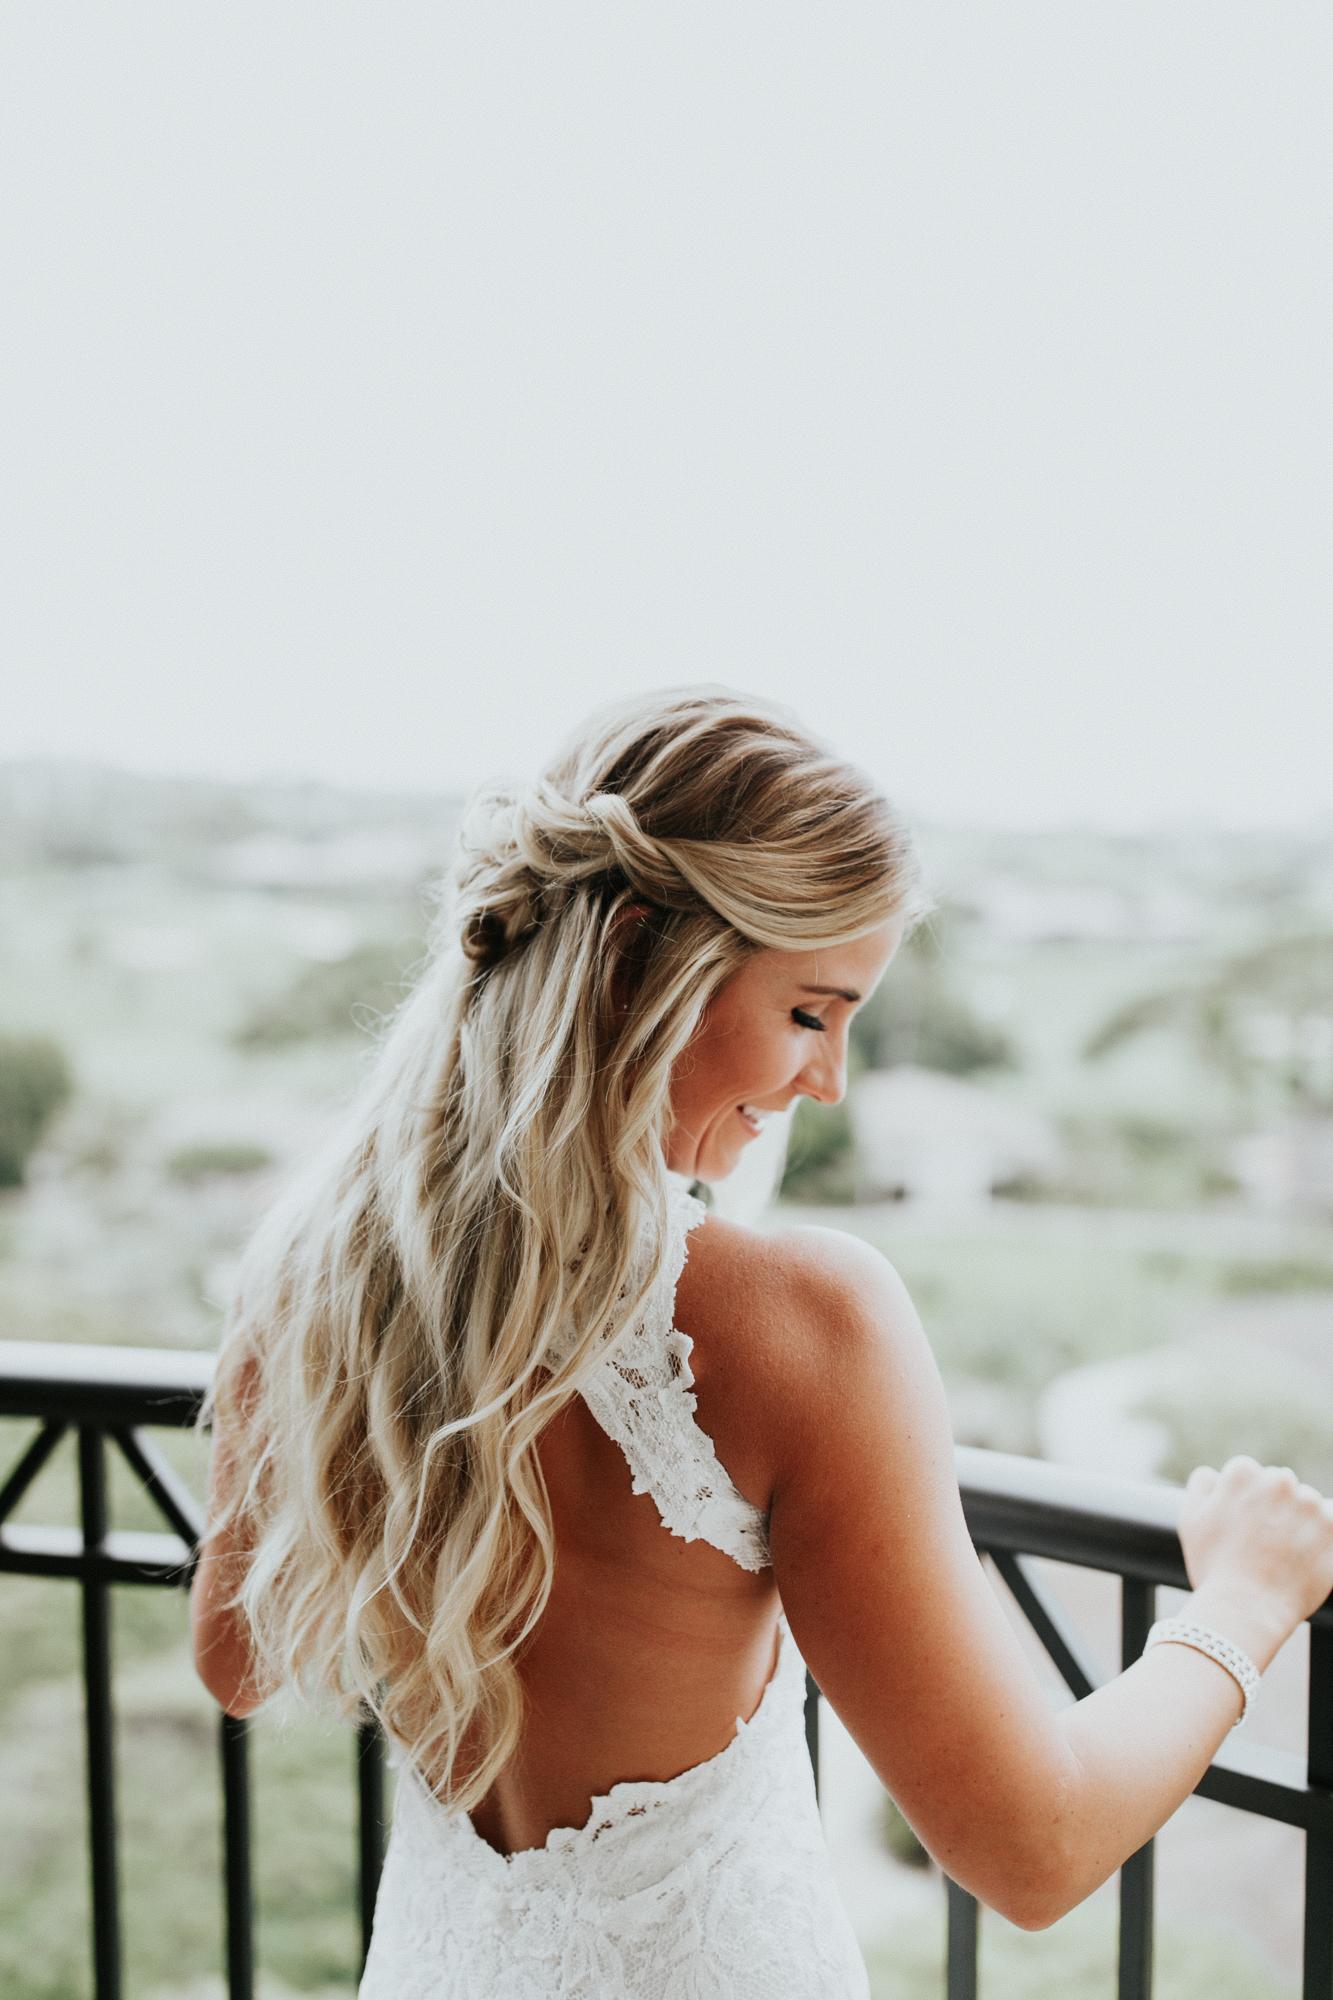 destination-wedding-photographer-hawaii-maui-elopement-29.jpg